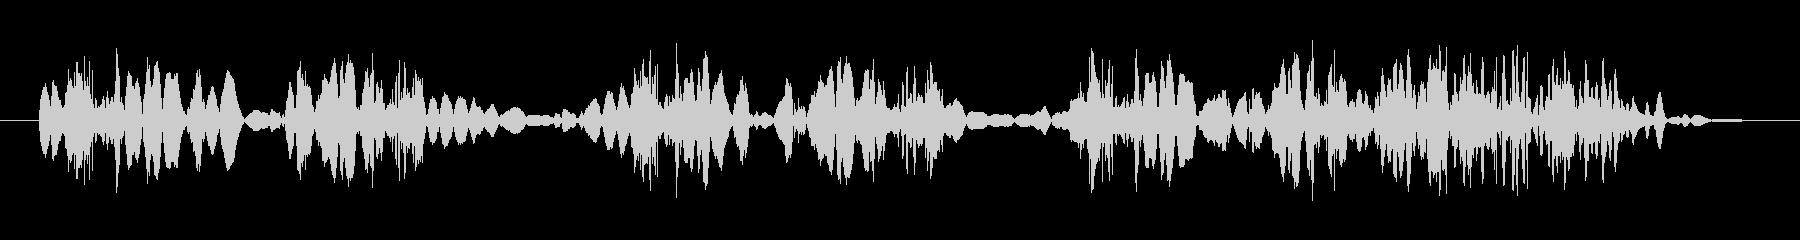 クイックテープスクラブ1の未再生の波形